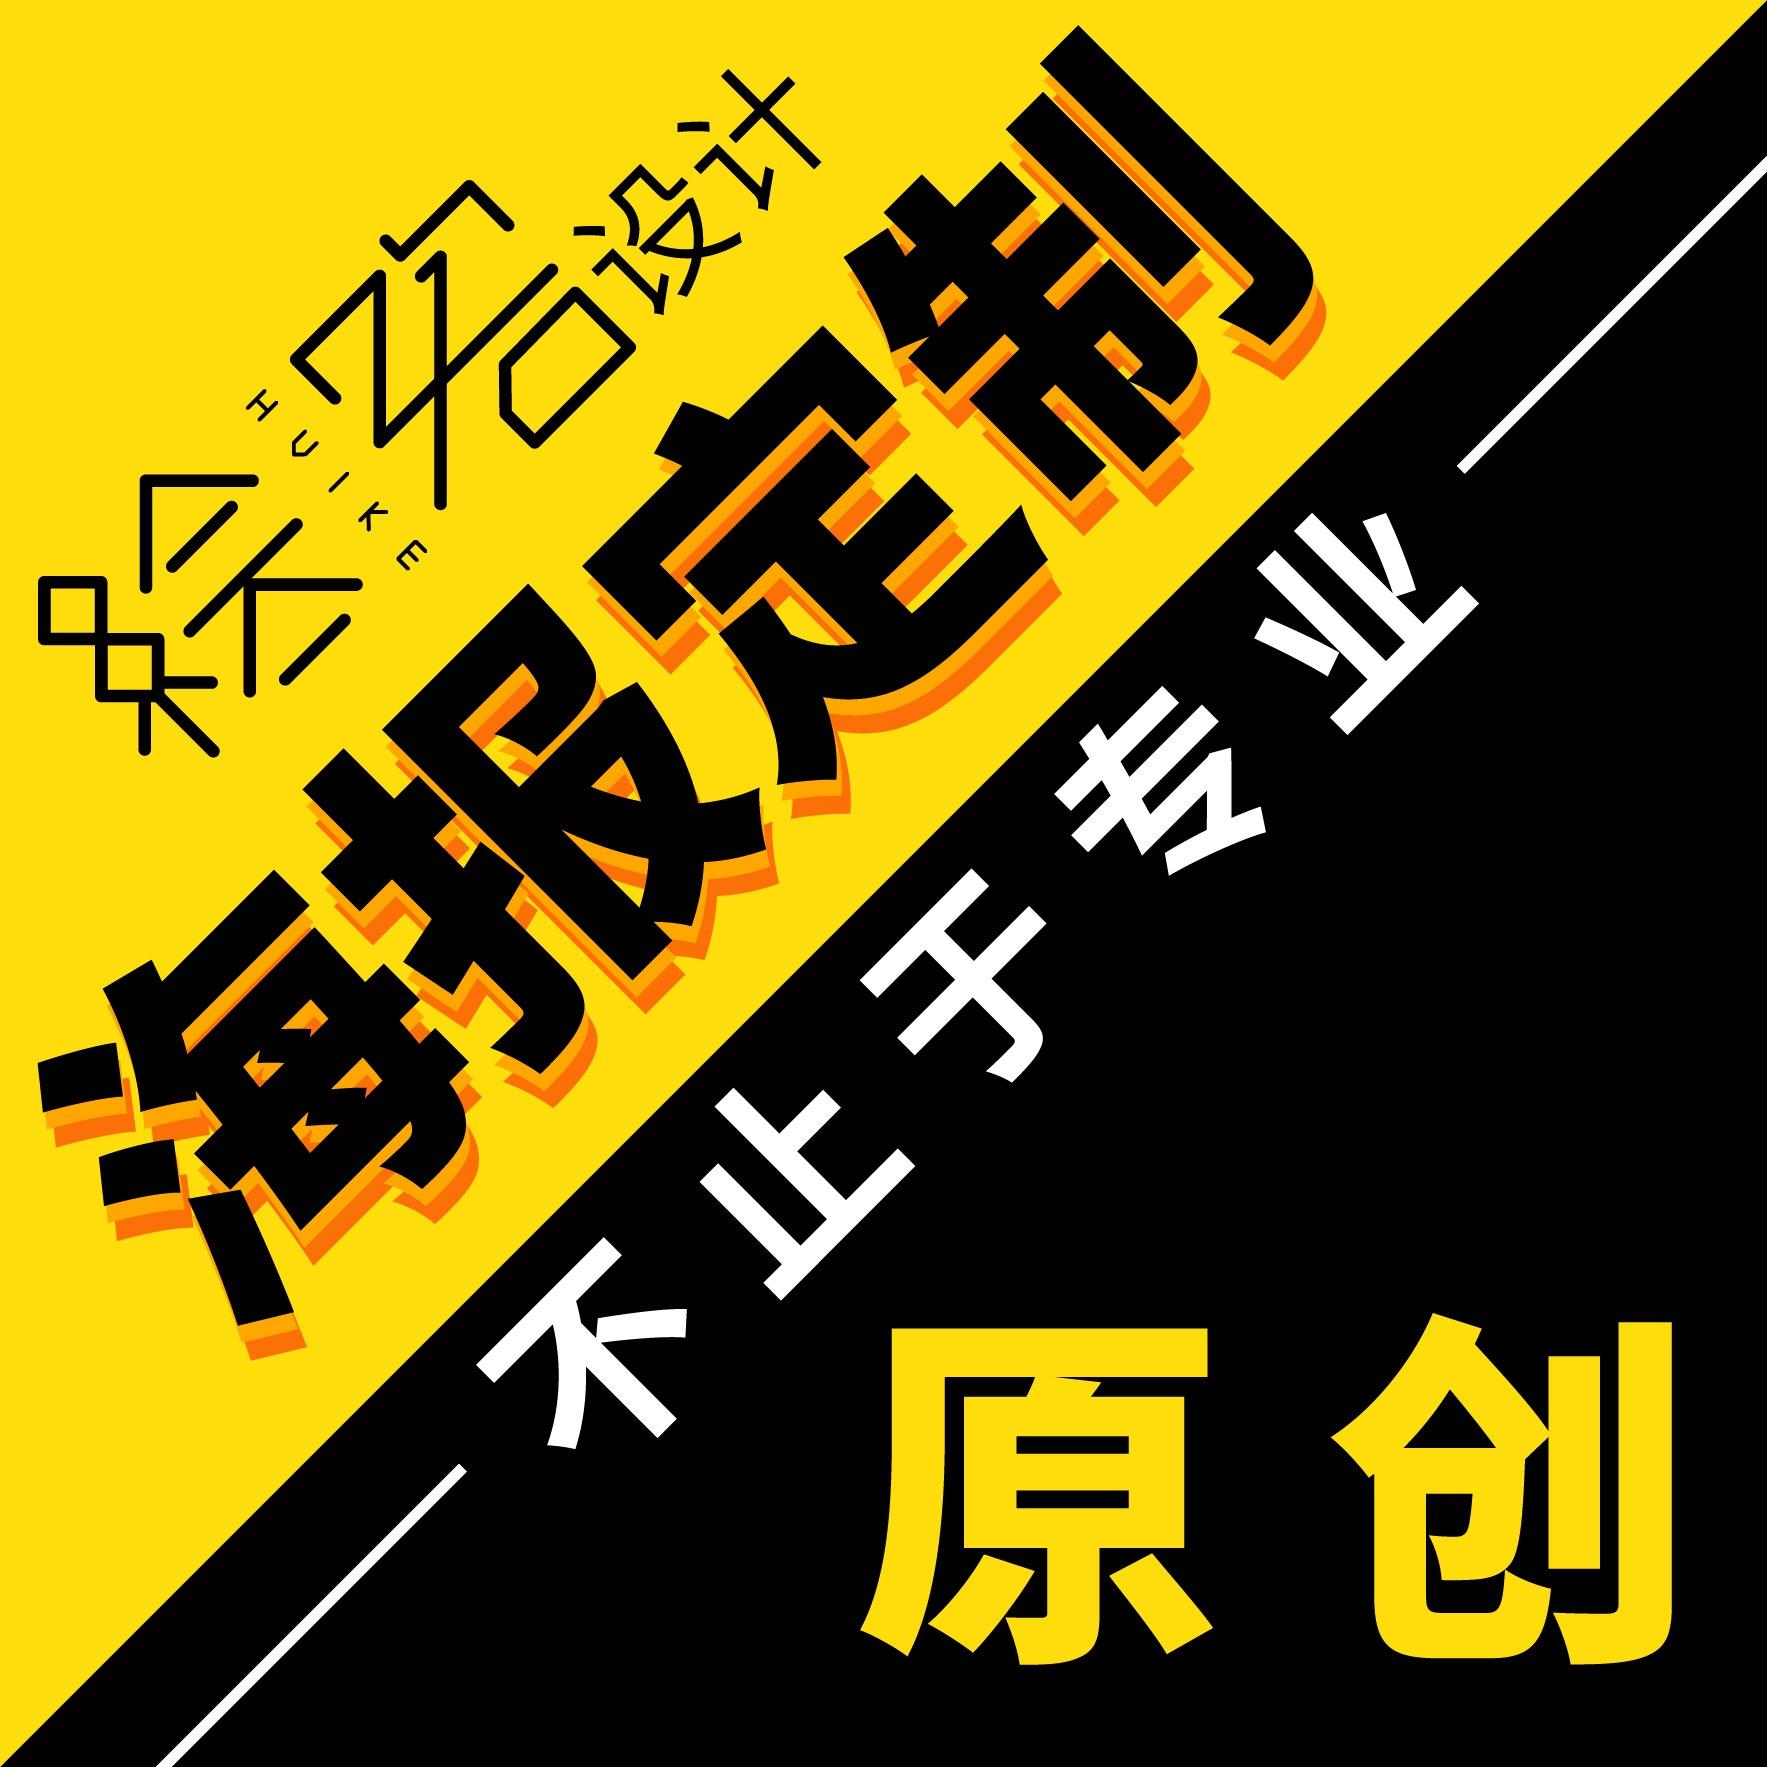 绘客活动宣传门店陈设品牌展示商品上新公益 宣传品 促销海报 设计